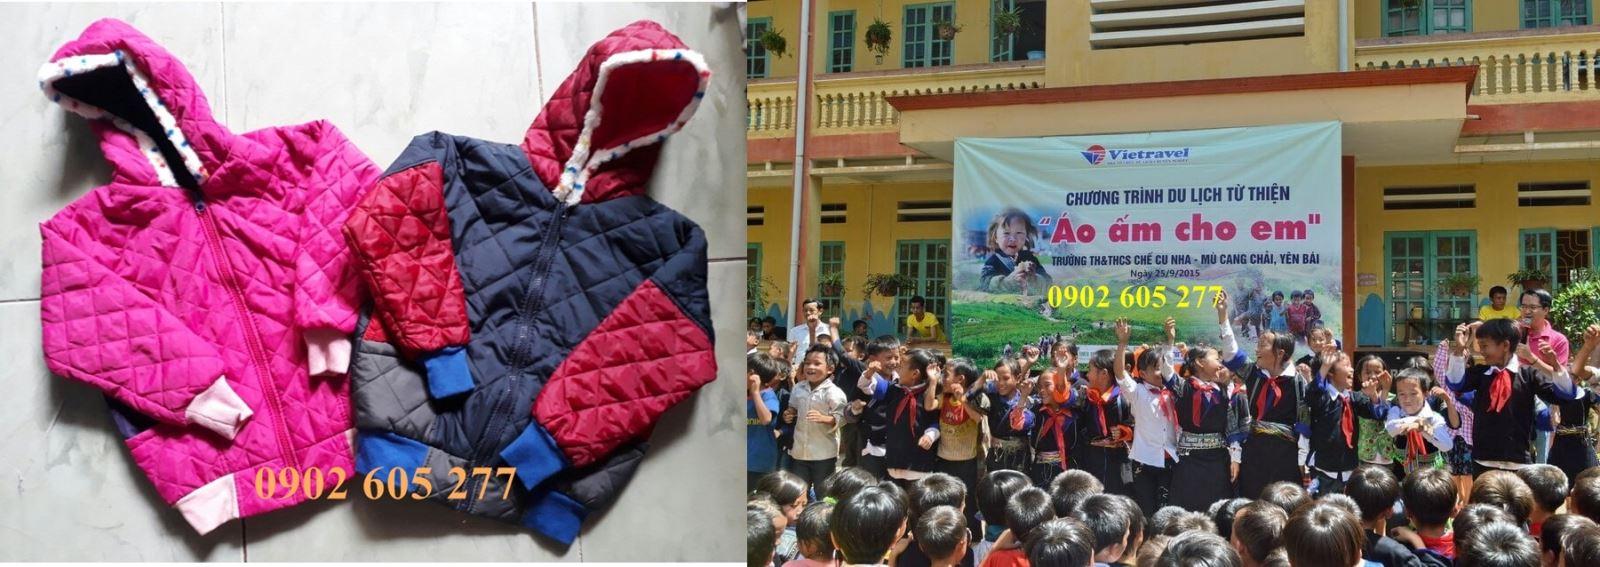 Ấm lòng với món quà áo ấm từ thiện tại daknong– mon qua ao am tu thien daknong